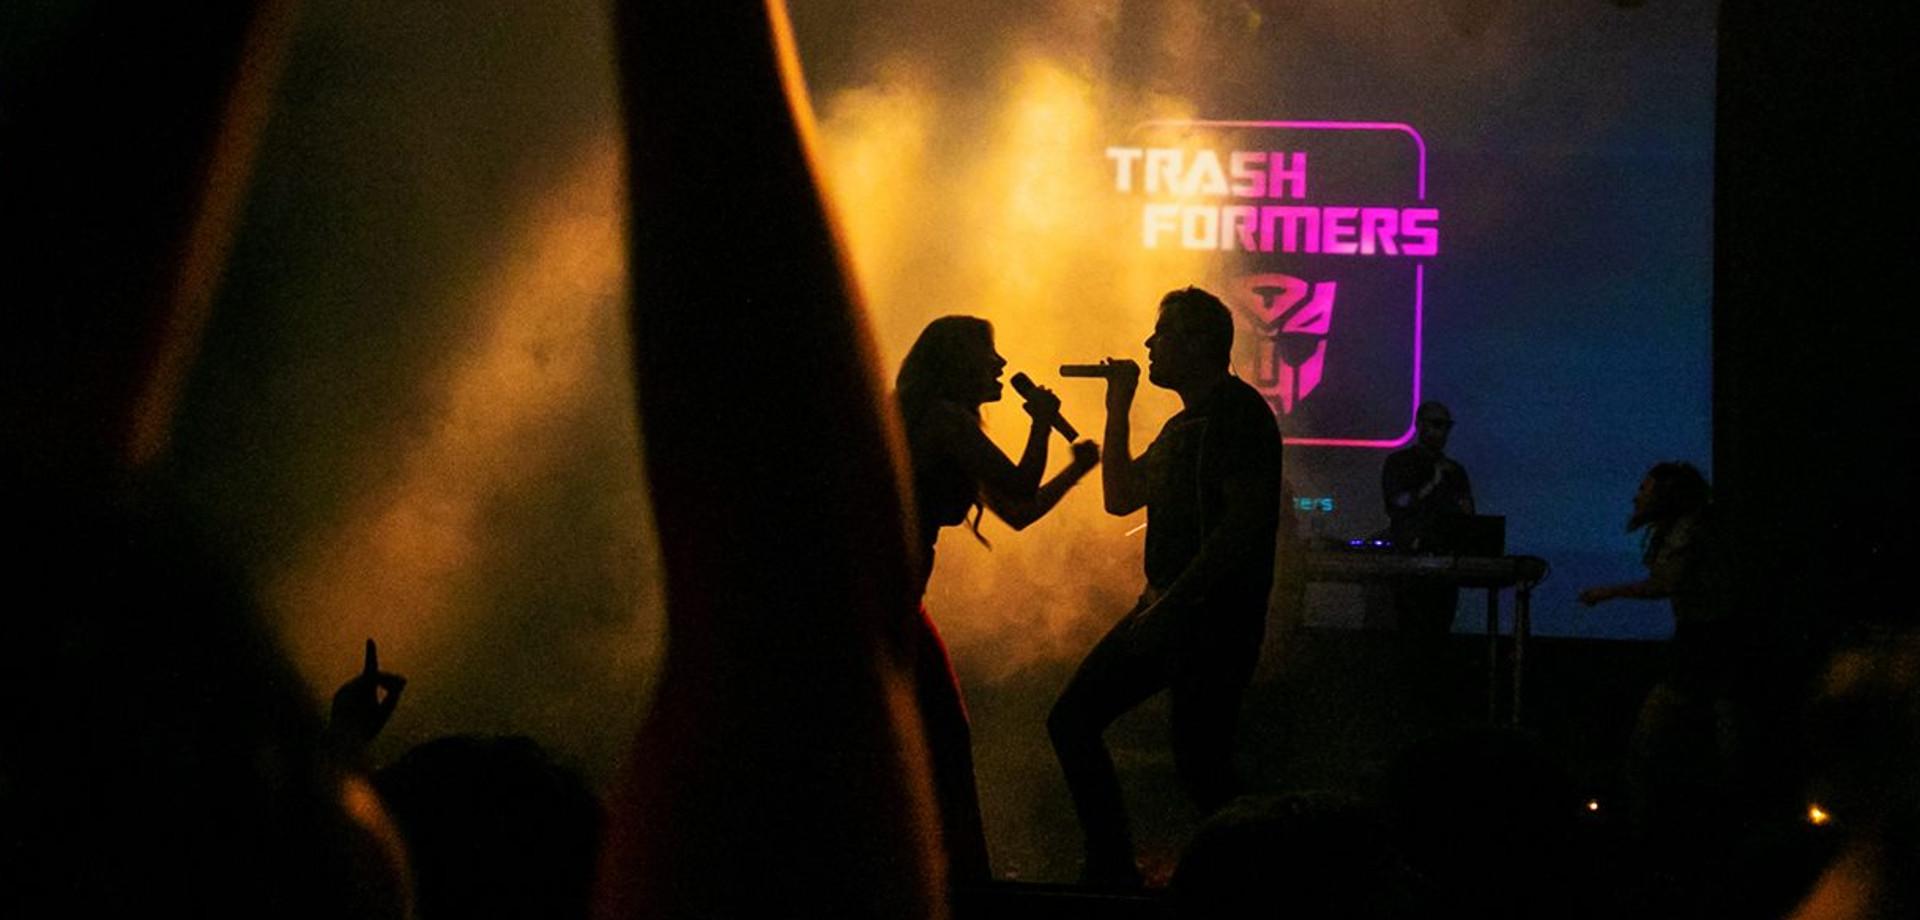 Trashformers